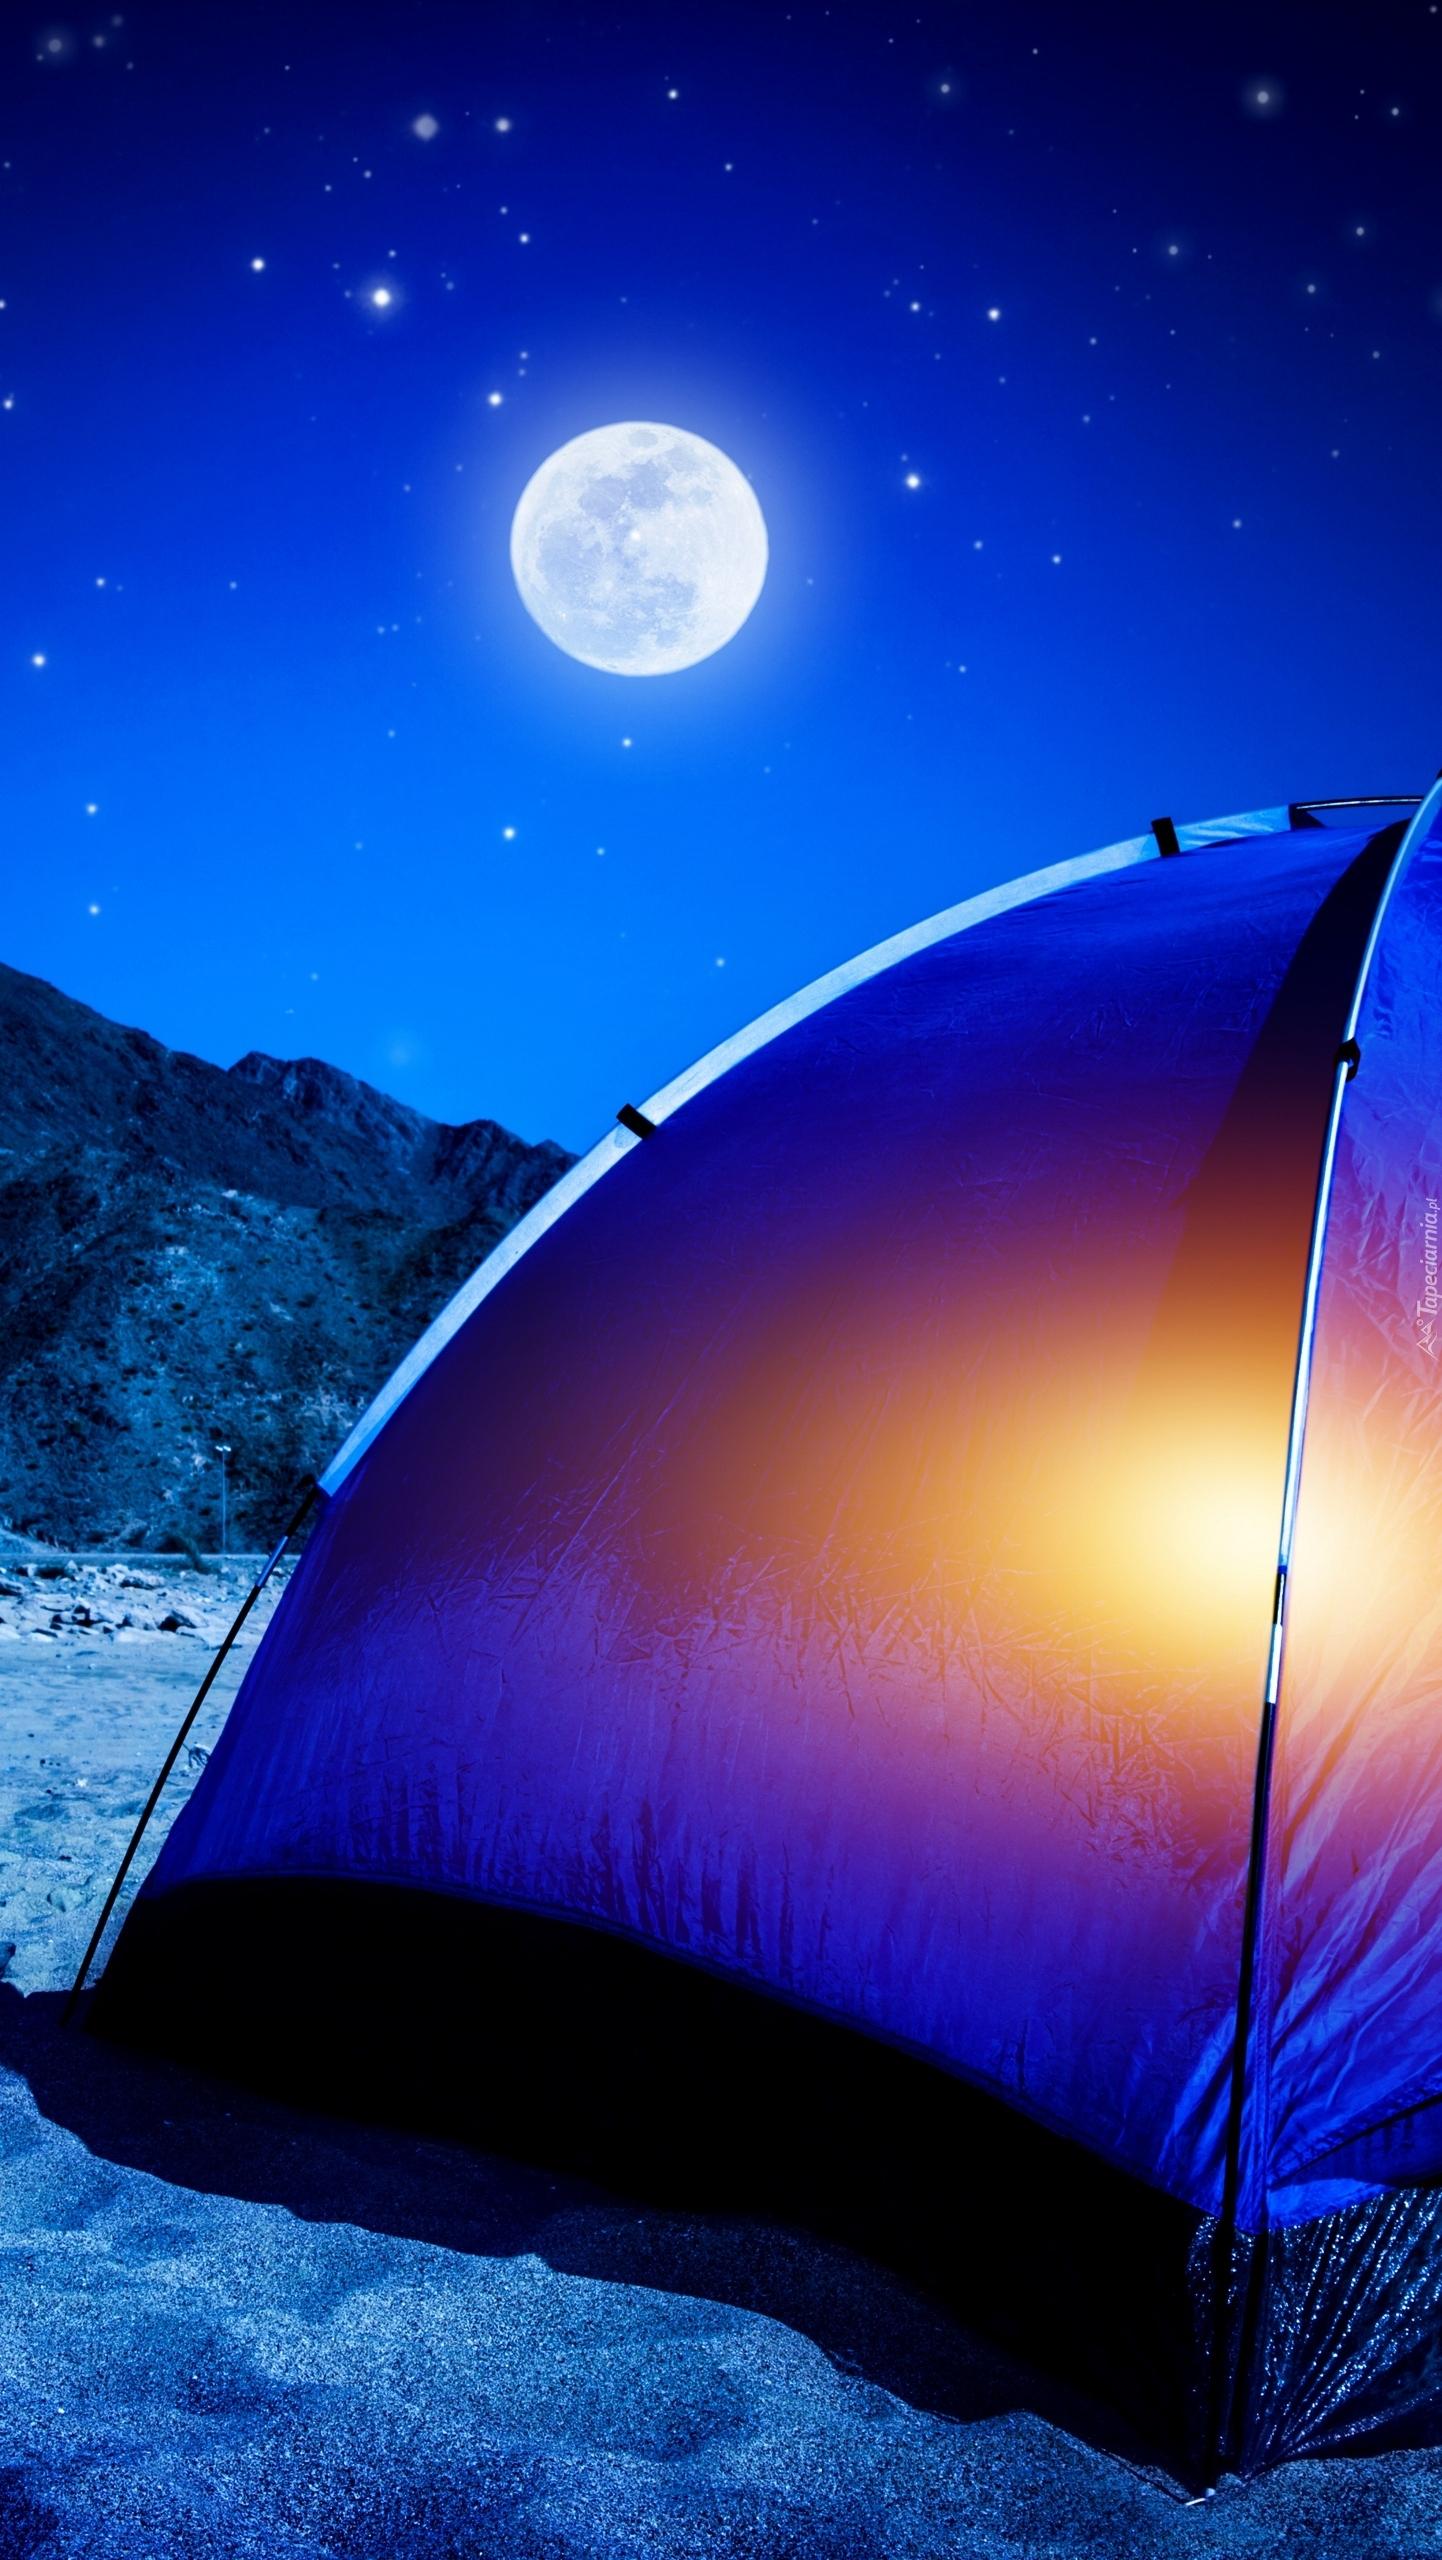 Namiot w blasku księżyca